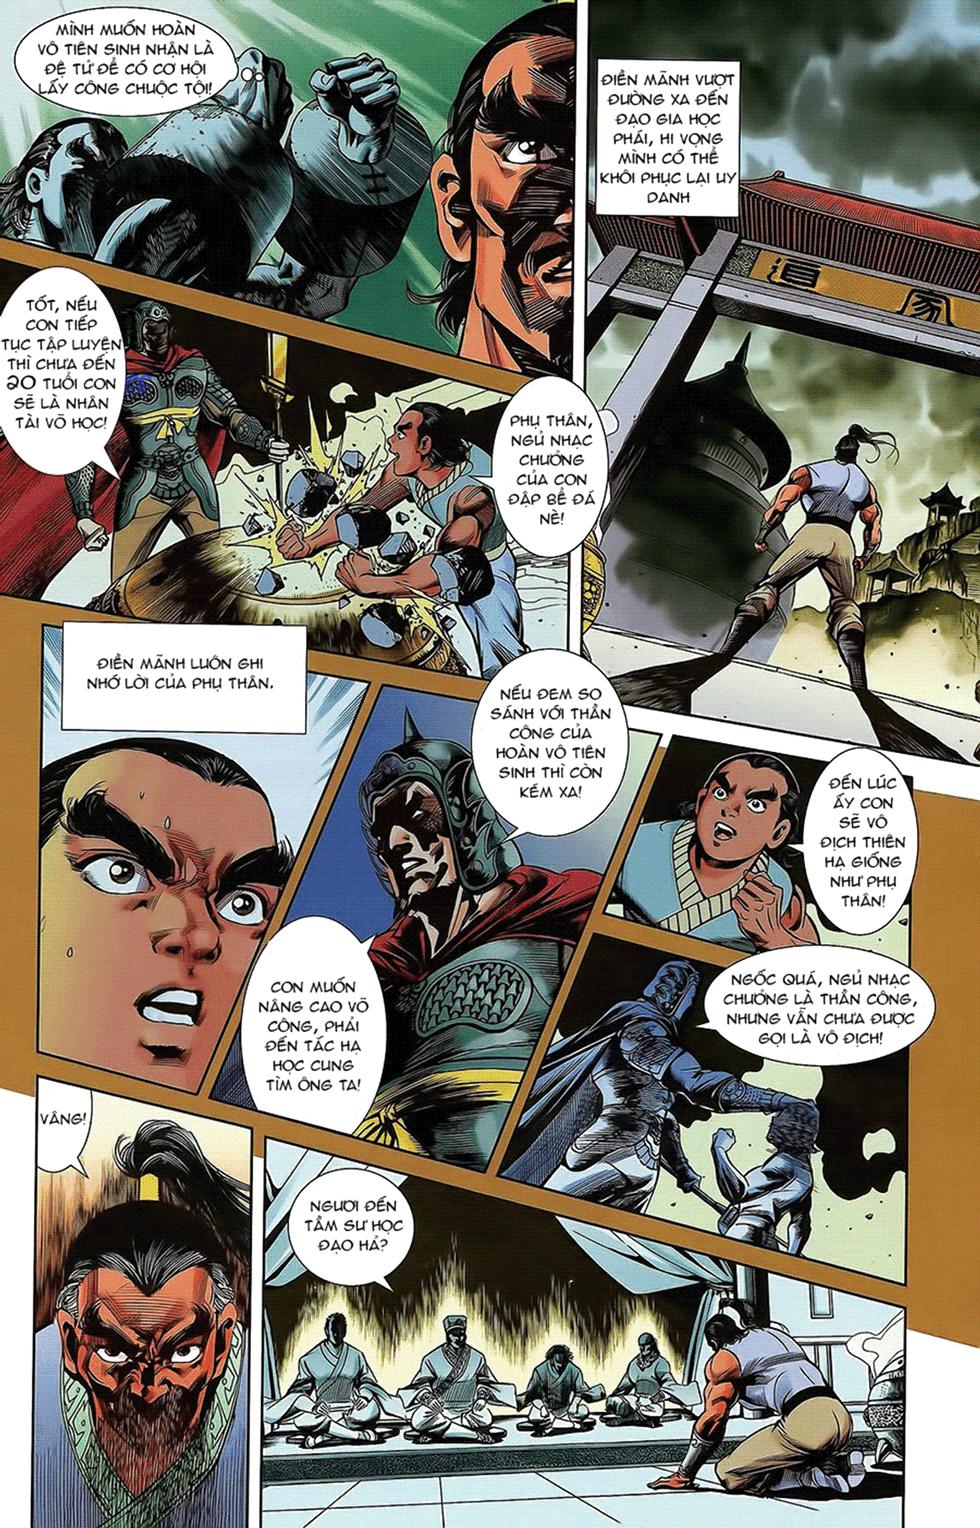 Tần Vương Doanh Chính chapter 16 trang 11